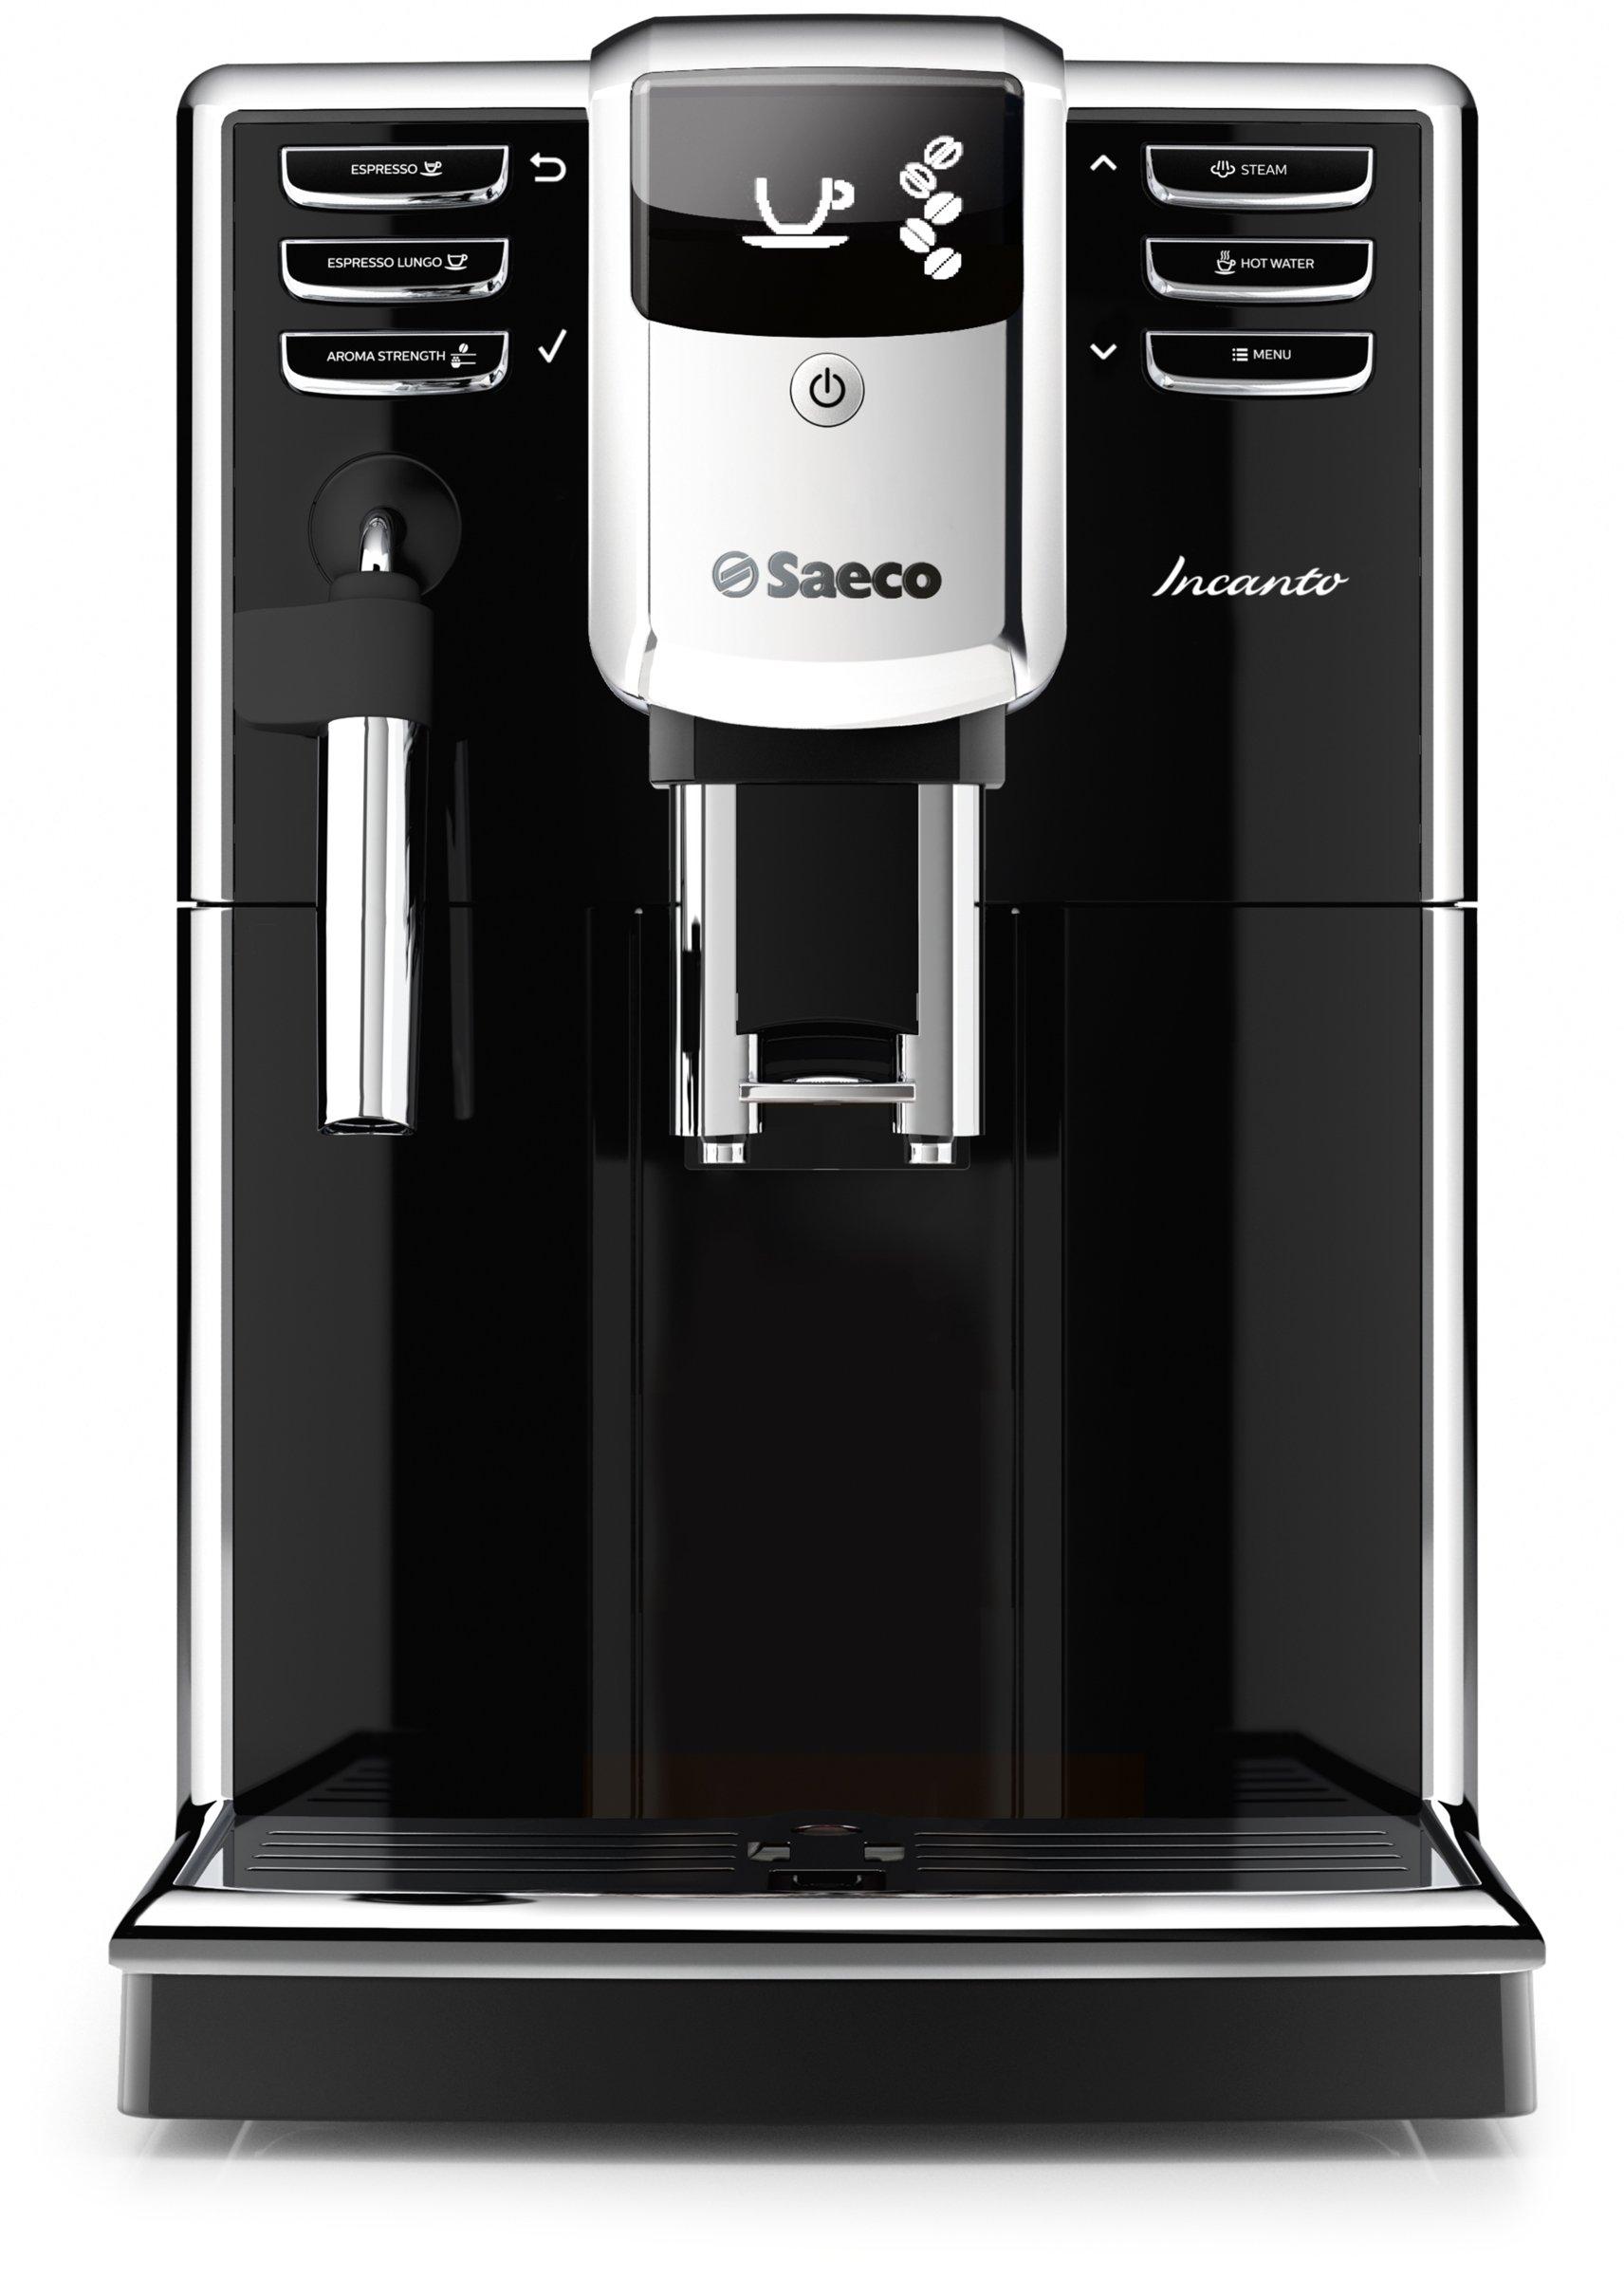 Saeco HD8911/47 Saeco Incanto Classic Milk Frother Super Automatic Espresso Machine, Black